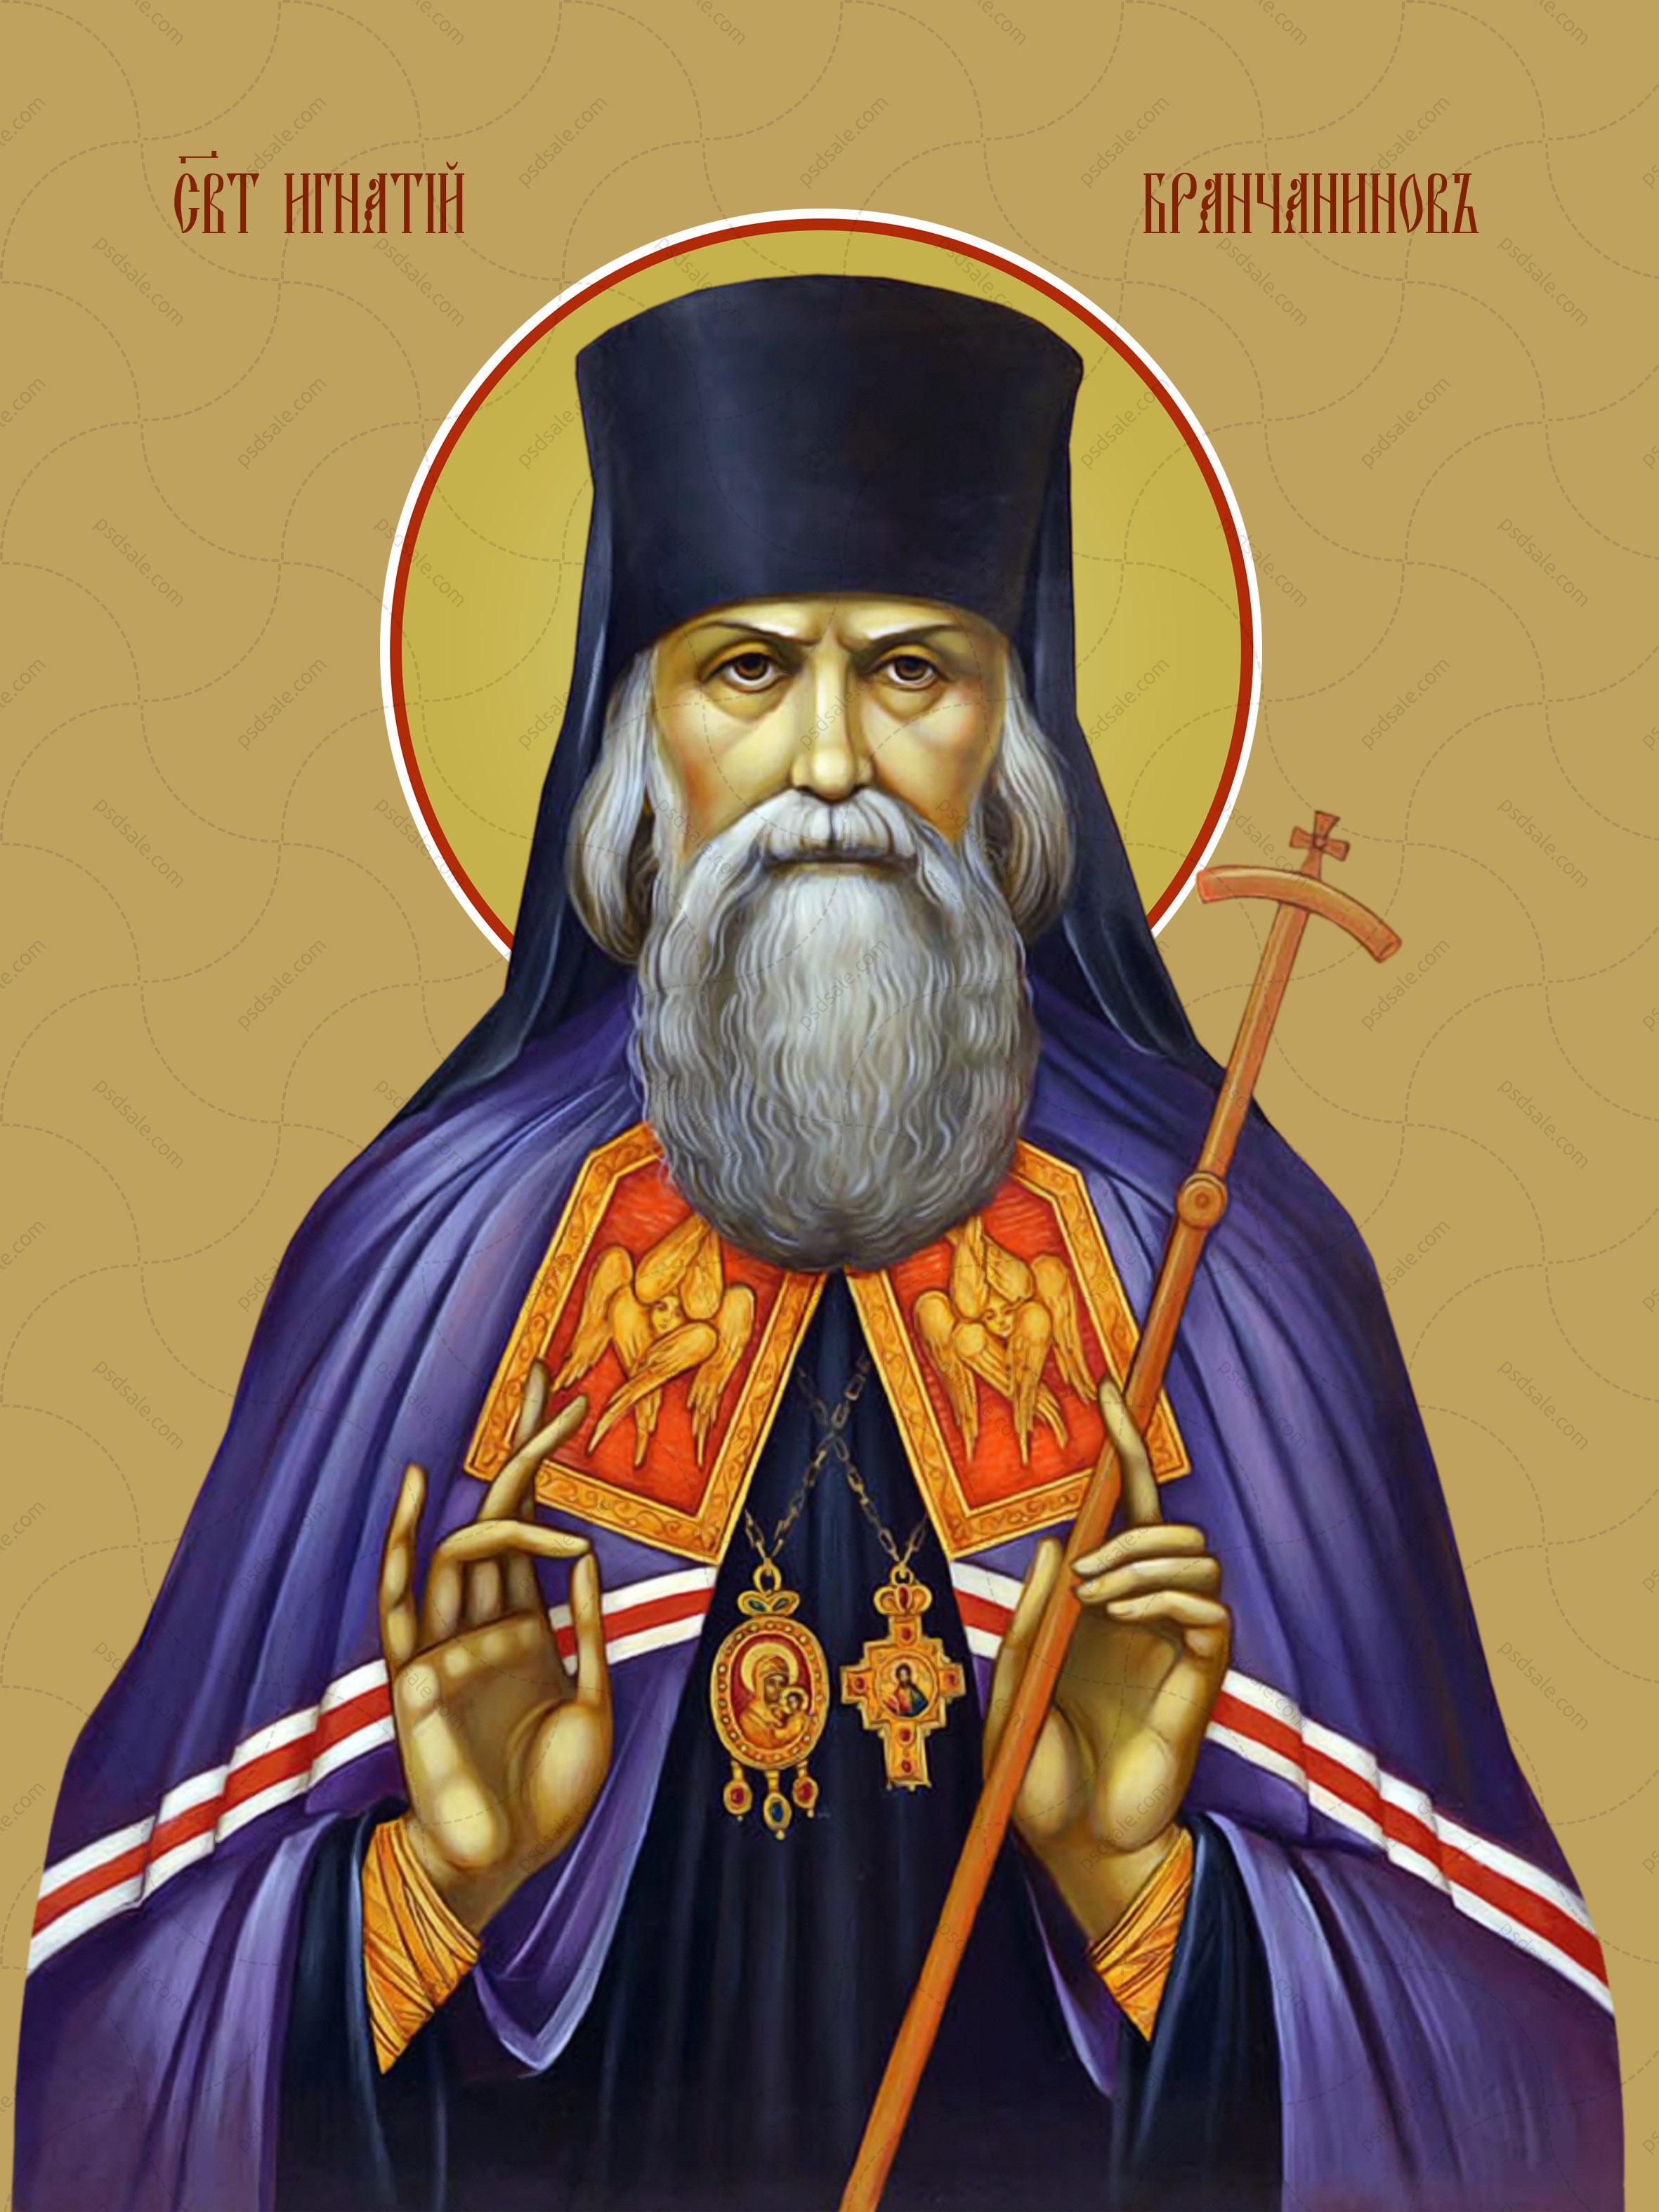 Игнатий Брянчанинов, святитель